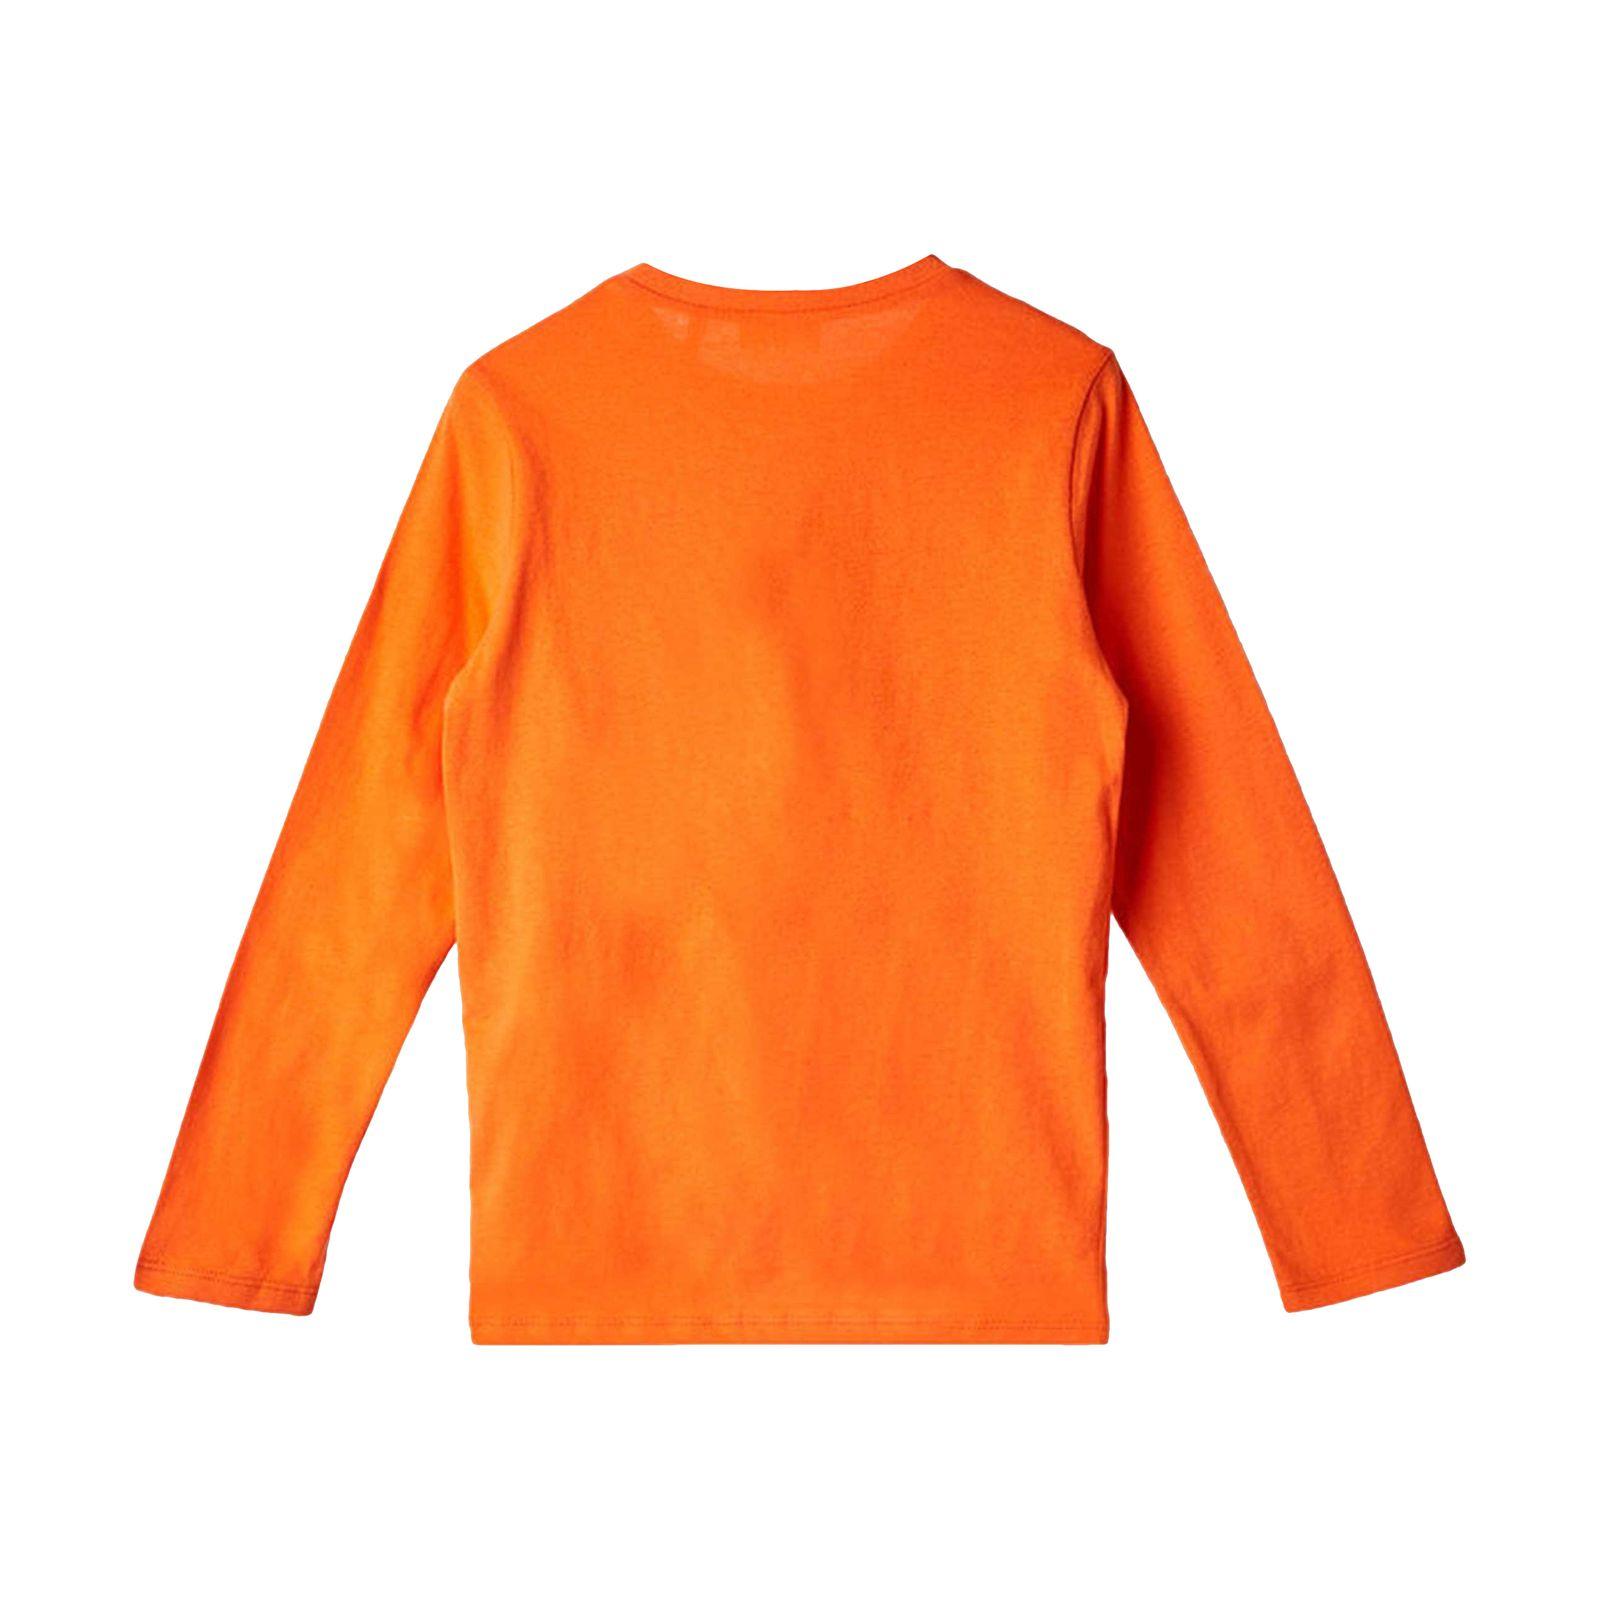 تی شرت پسرانه کوتون مدل 1kkb16802ok-23 -  - 4